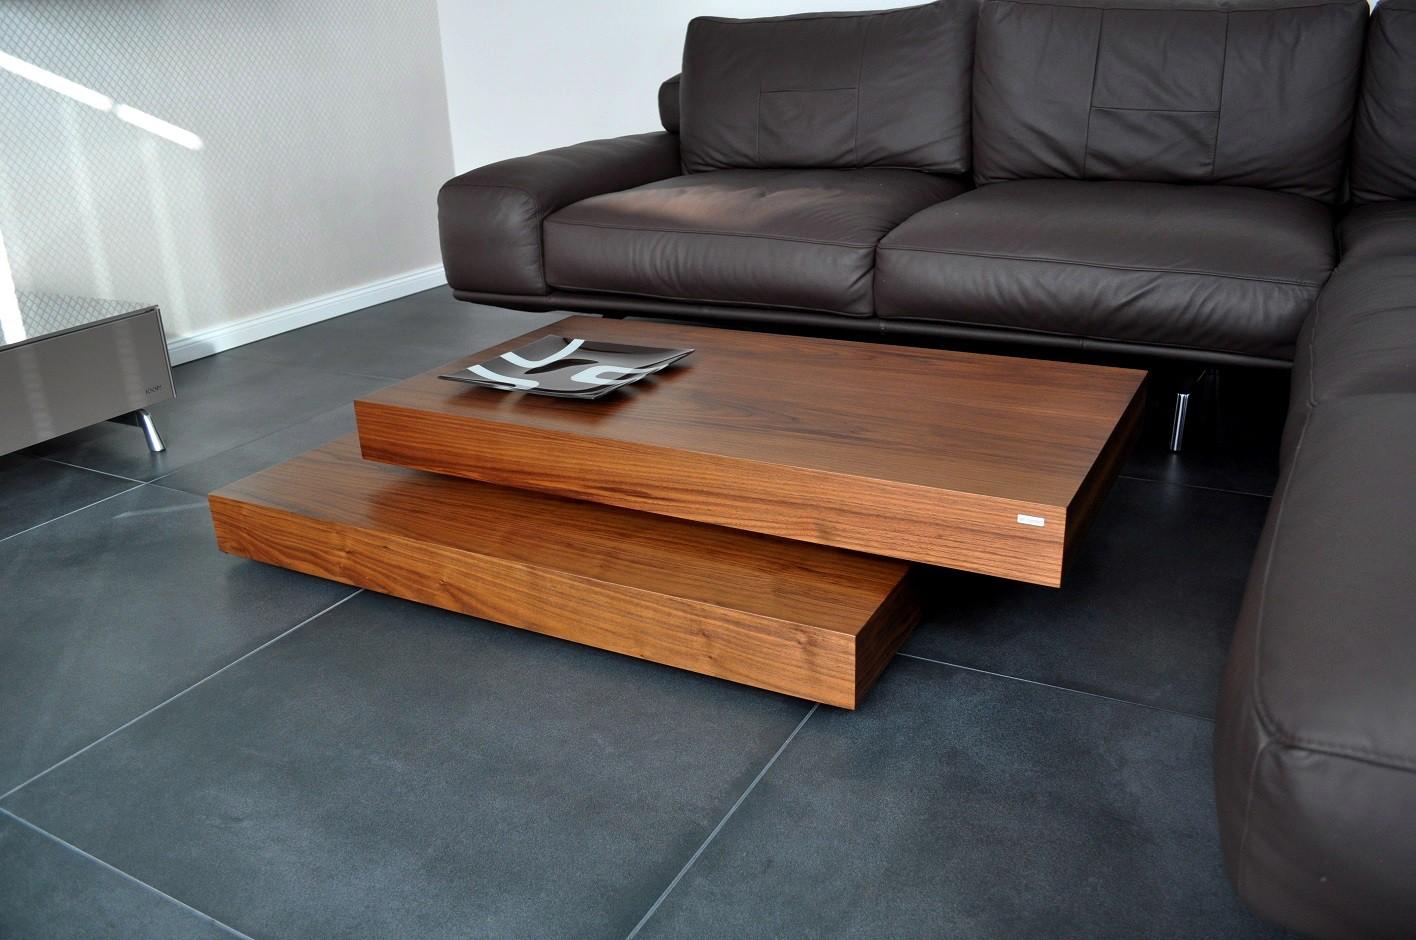 Design couchtisch tisch s 60 walnuss nussbaum carl for Design couchtisch s 360